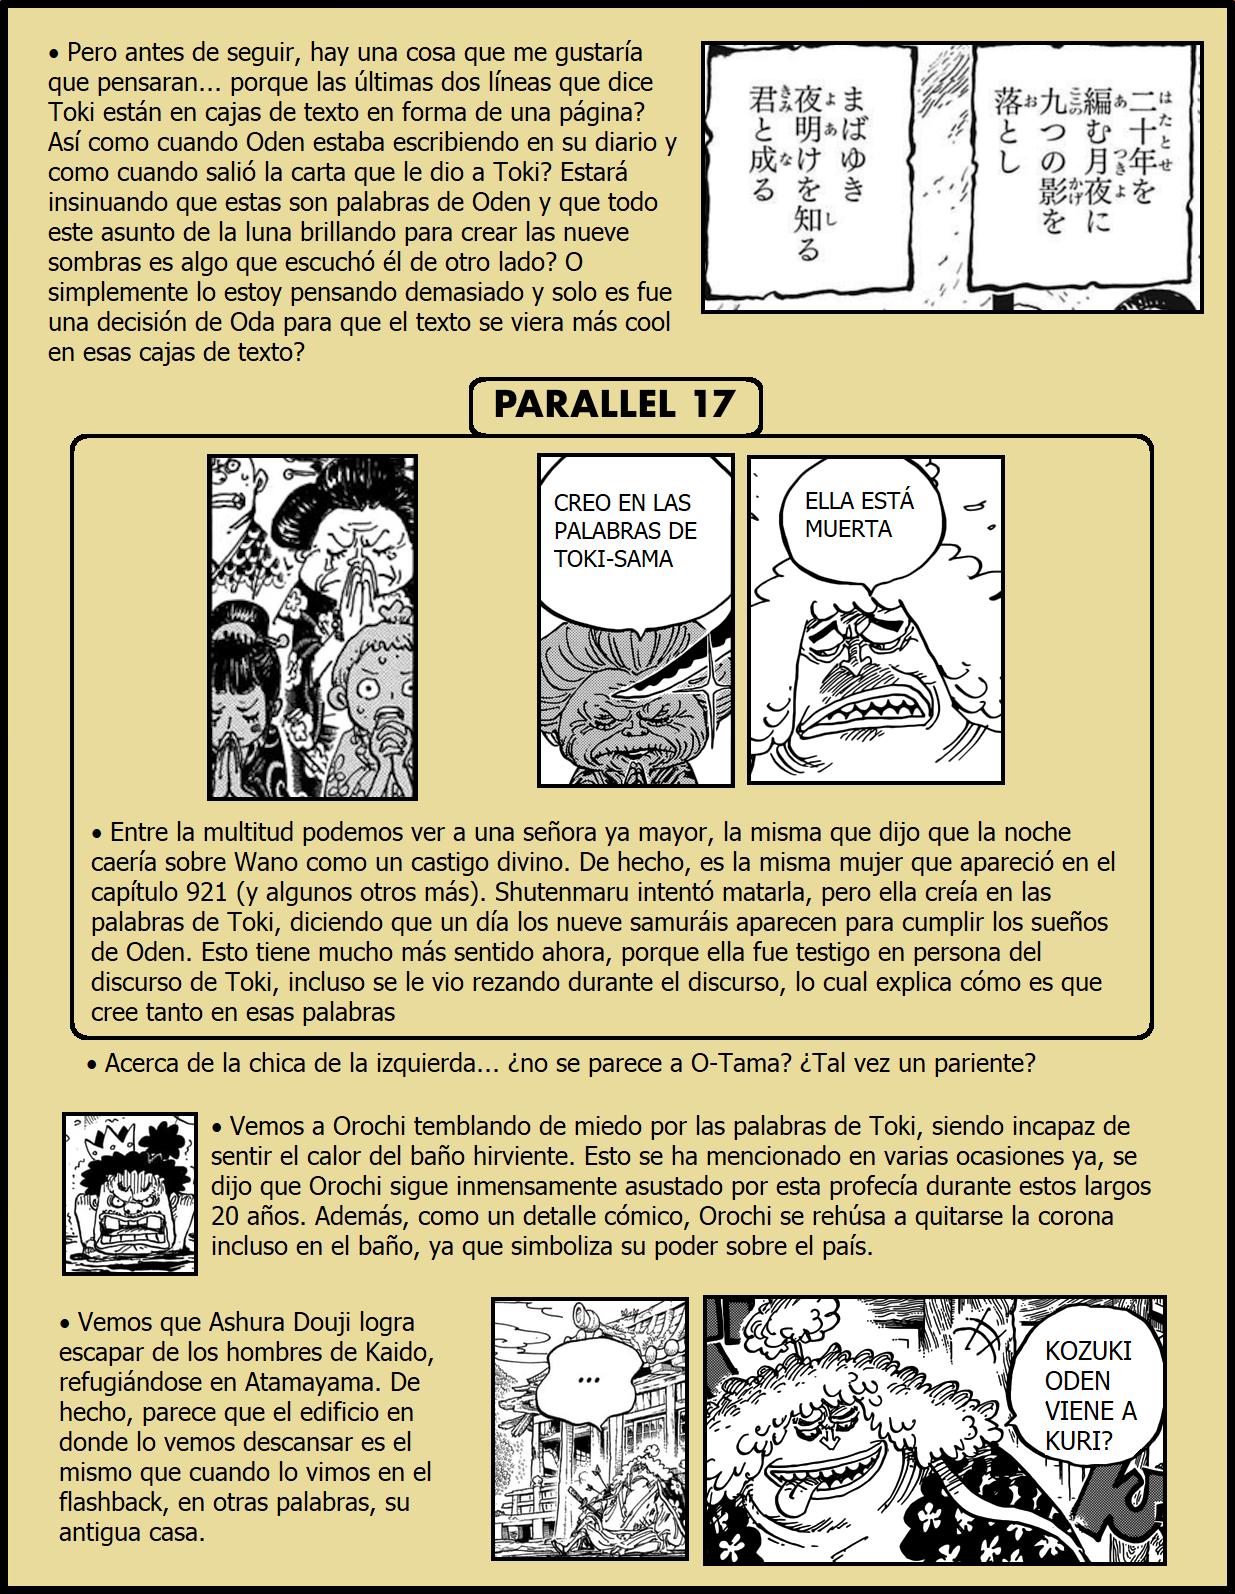 Secretos & Curiosidades - One Piece Manga 973 15